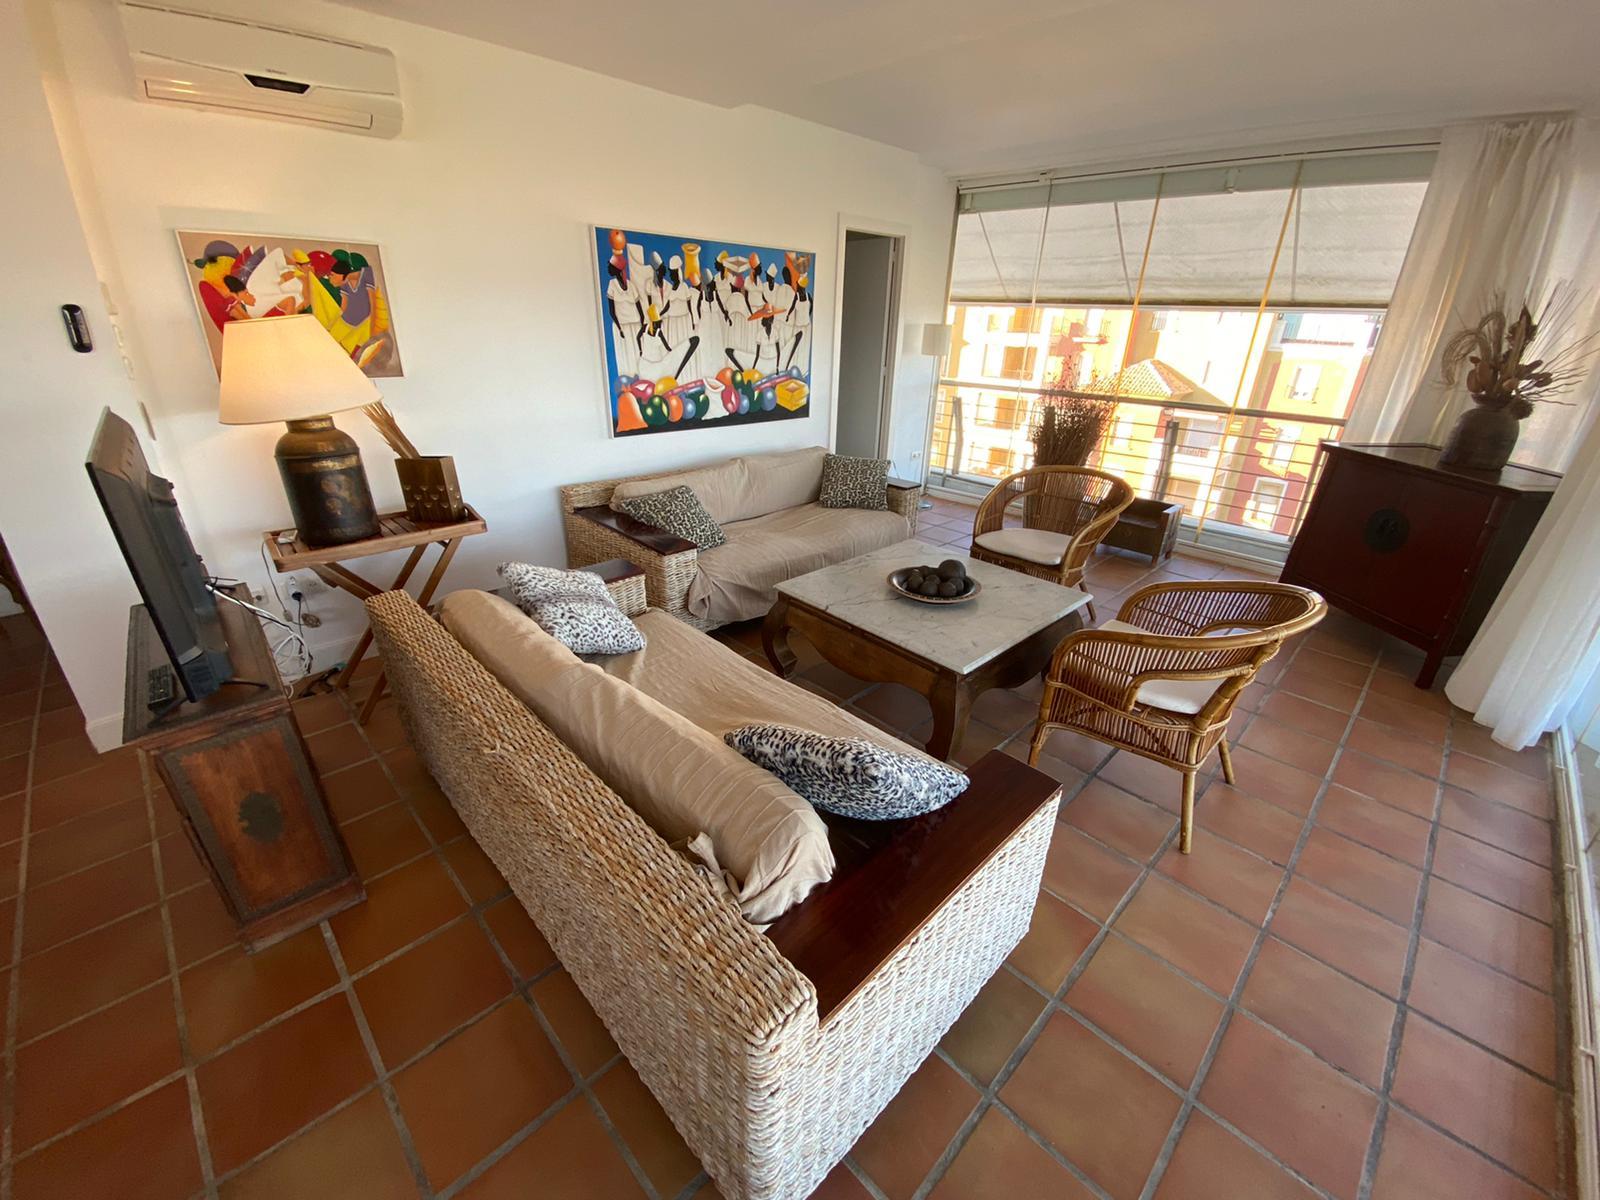 Imagen 1 del Apartamento Turístico, Ático 4 Levante, Frontal (4d+2b), Punta del Moral (HUELVA), Paseo de la Cruz nº22